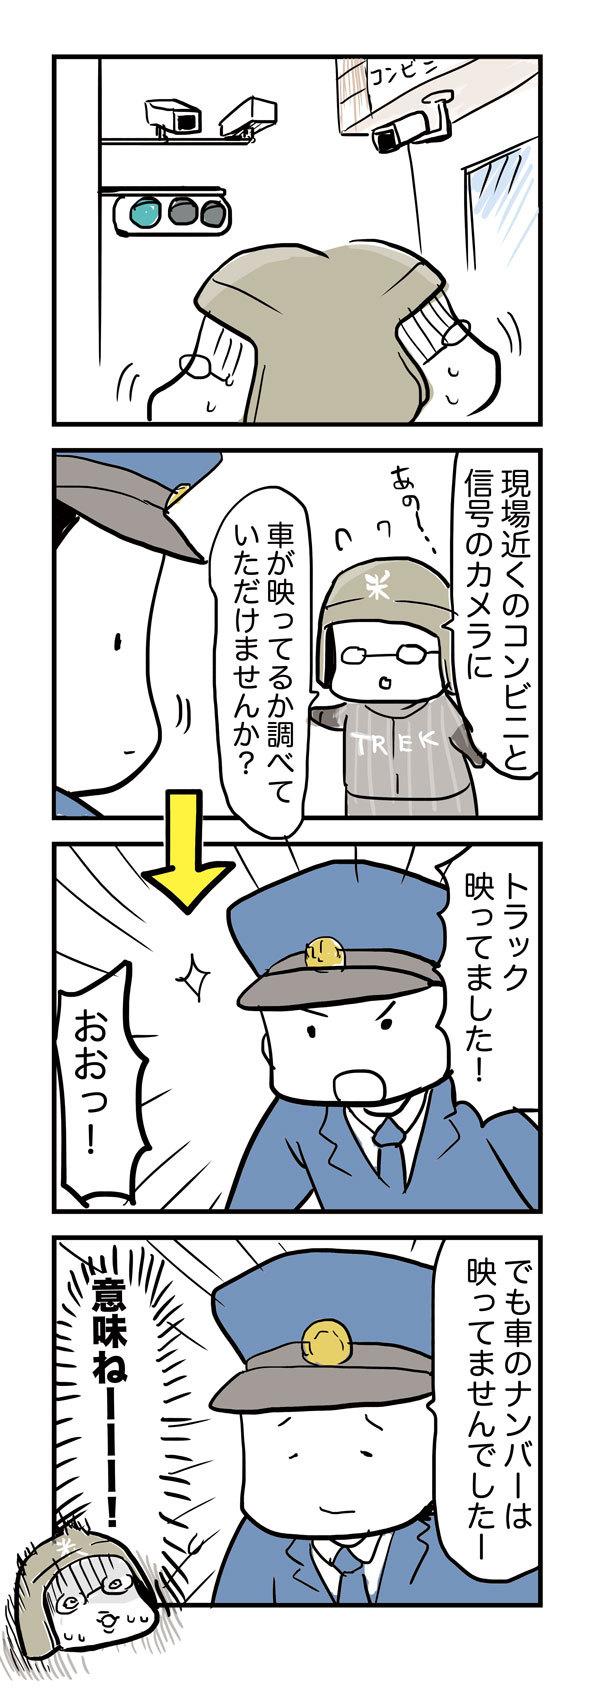 47-1 監視カメラ